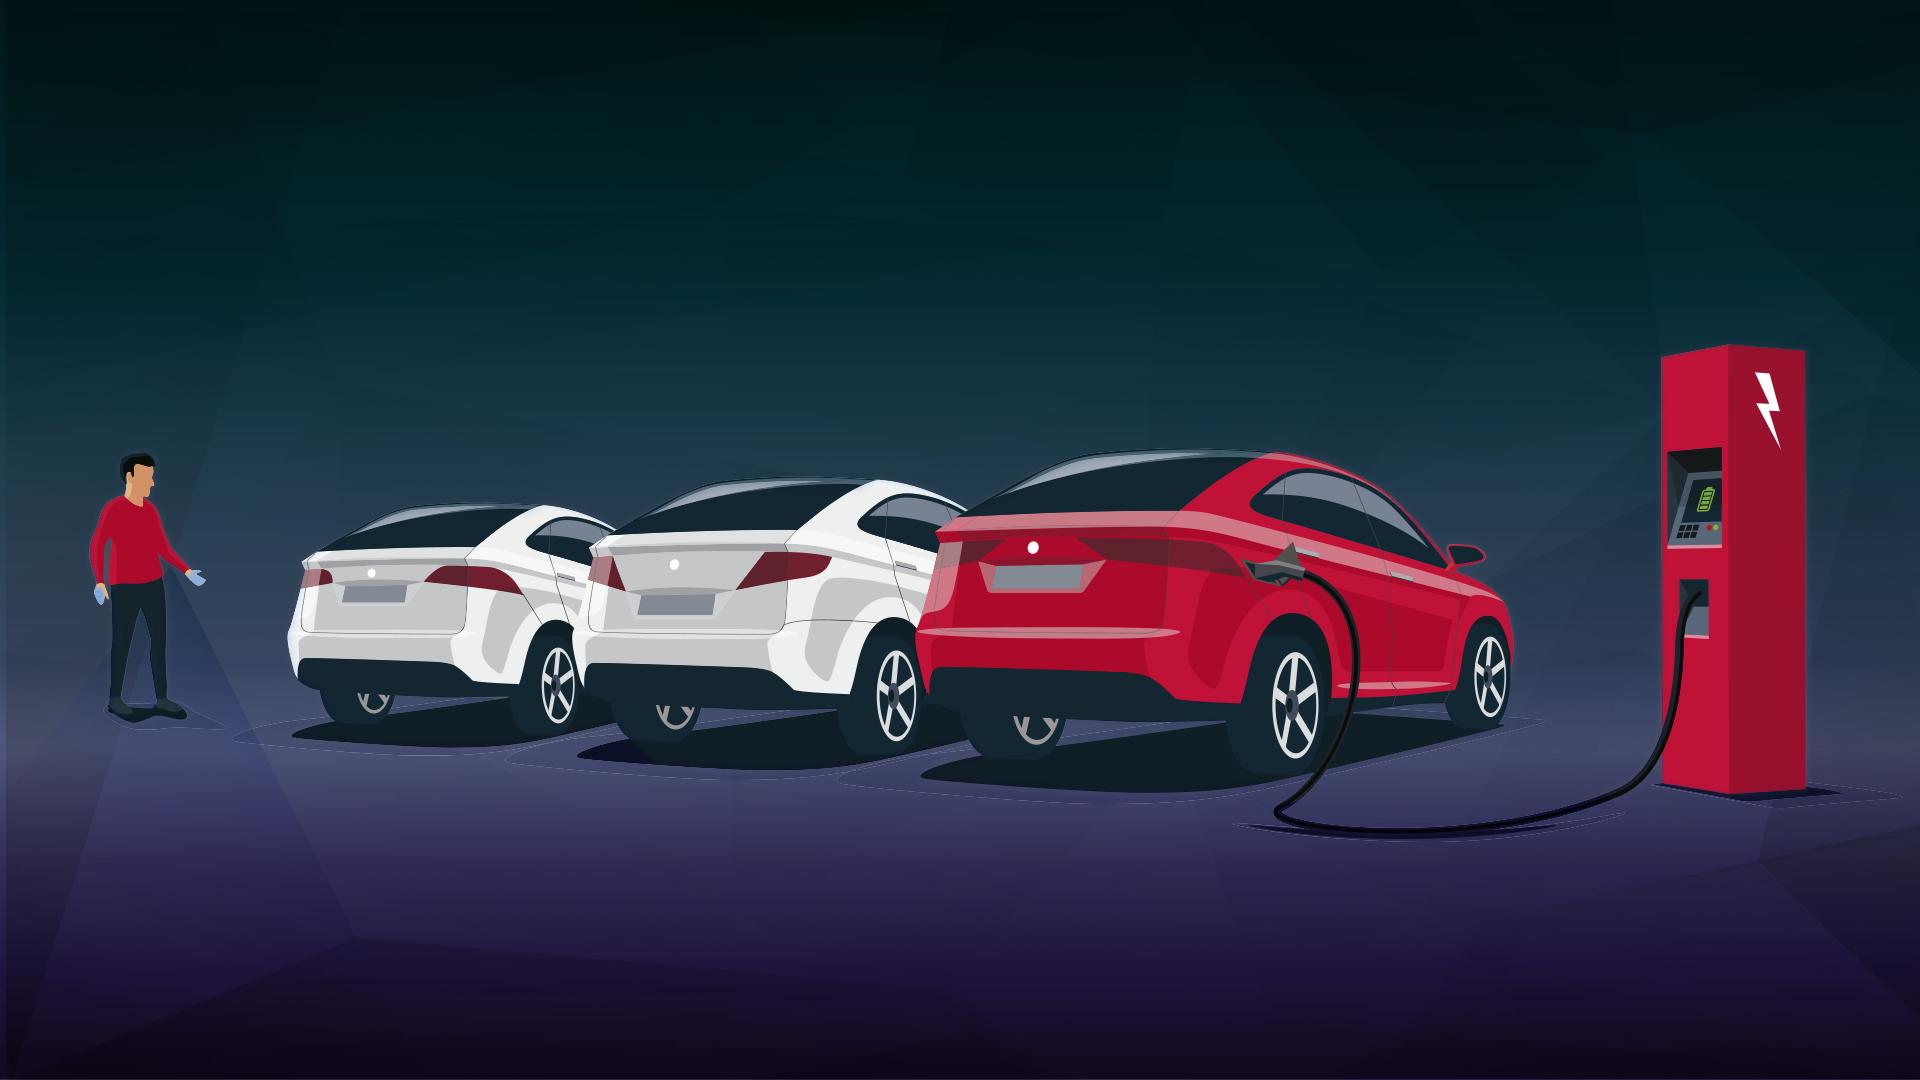 Auto, Elektroautos, tesla, Elektromobilität, Tesla Motors, Elektroauto, E-Auto, Model 3, Ladesäule, Tesla Model S, Tesla Model 3, Zapfsäule, Stromtankstelle